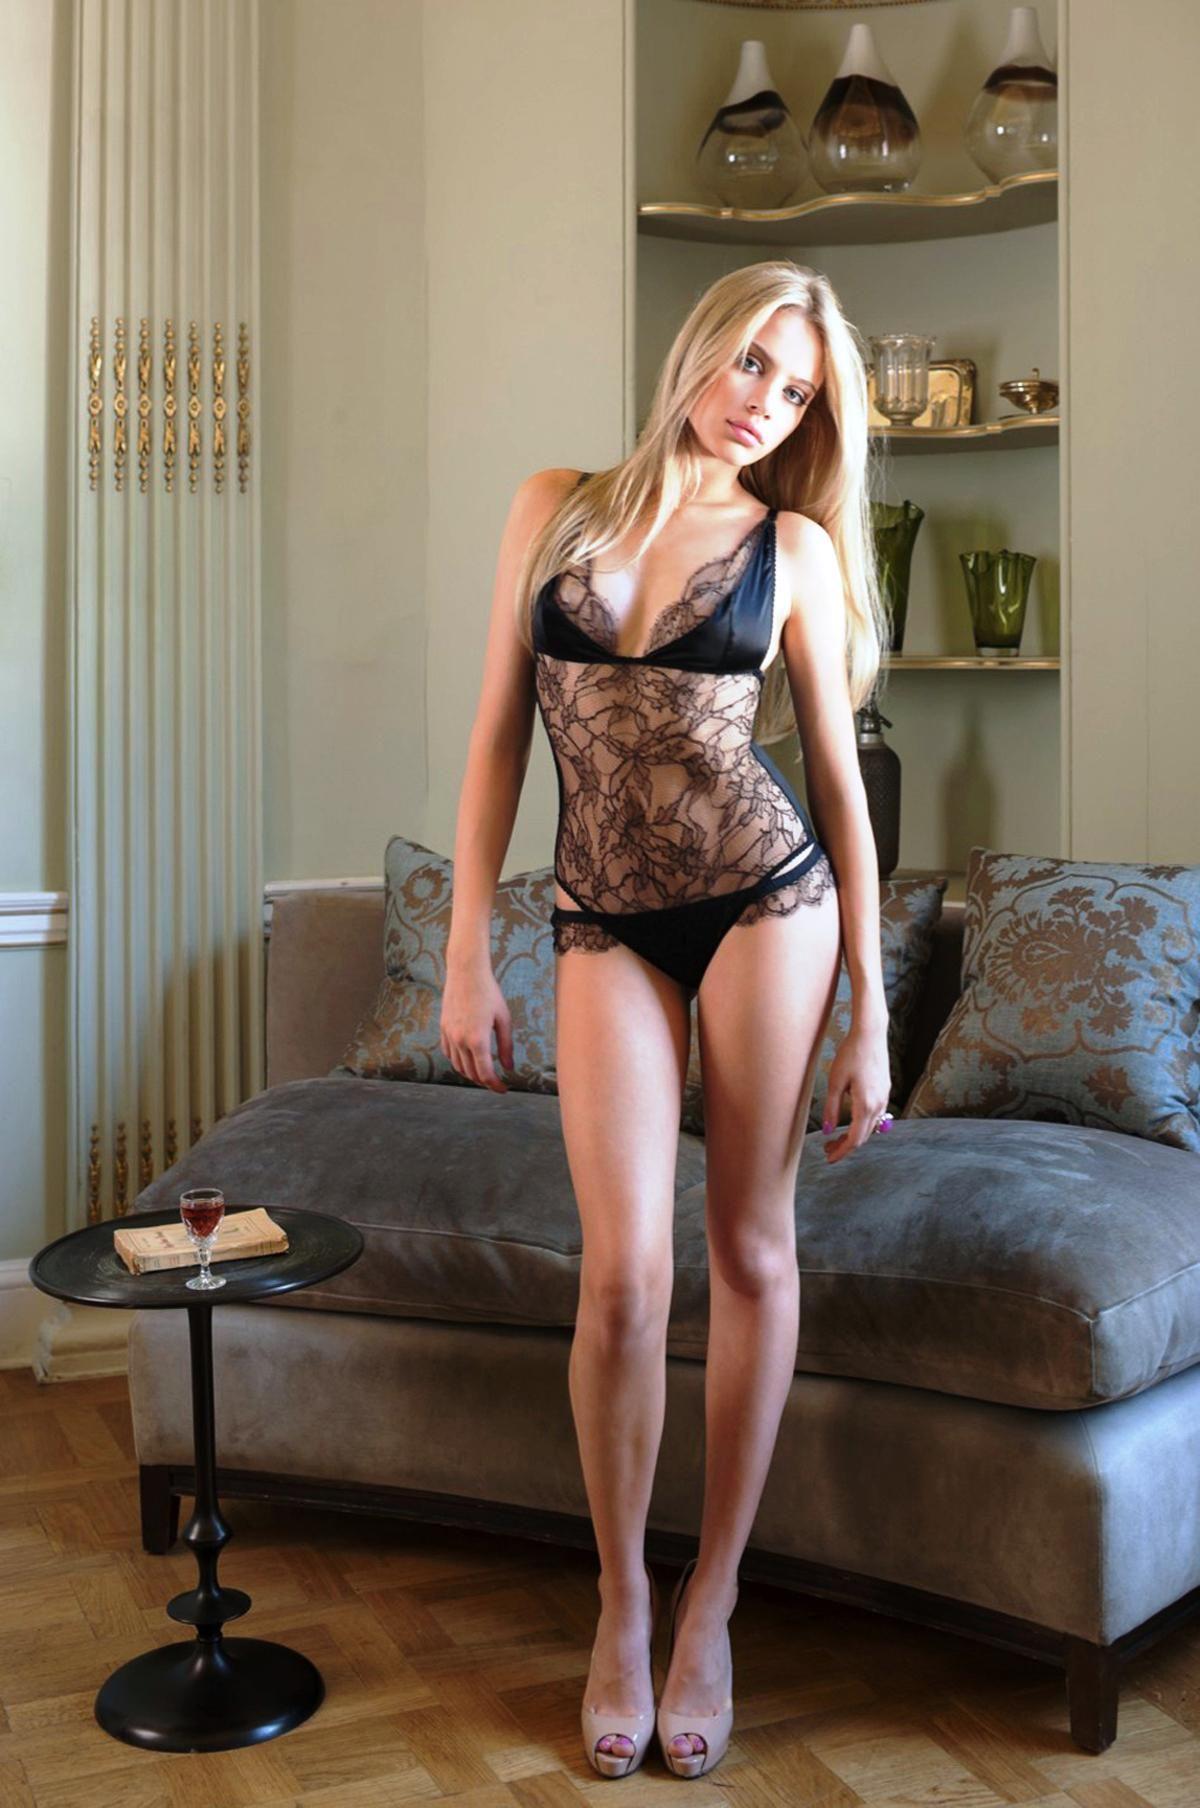 Xenia Tchoumitcheva Nude Photos and Videos new photo